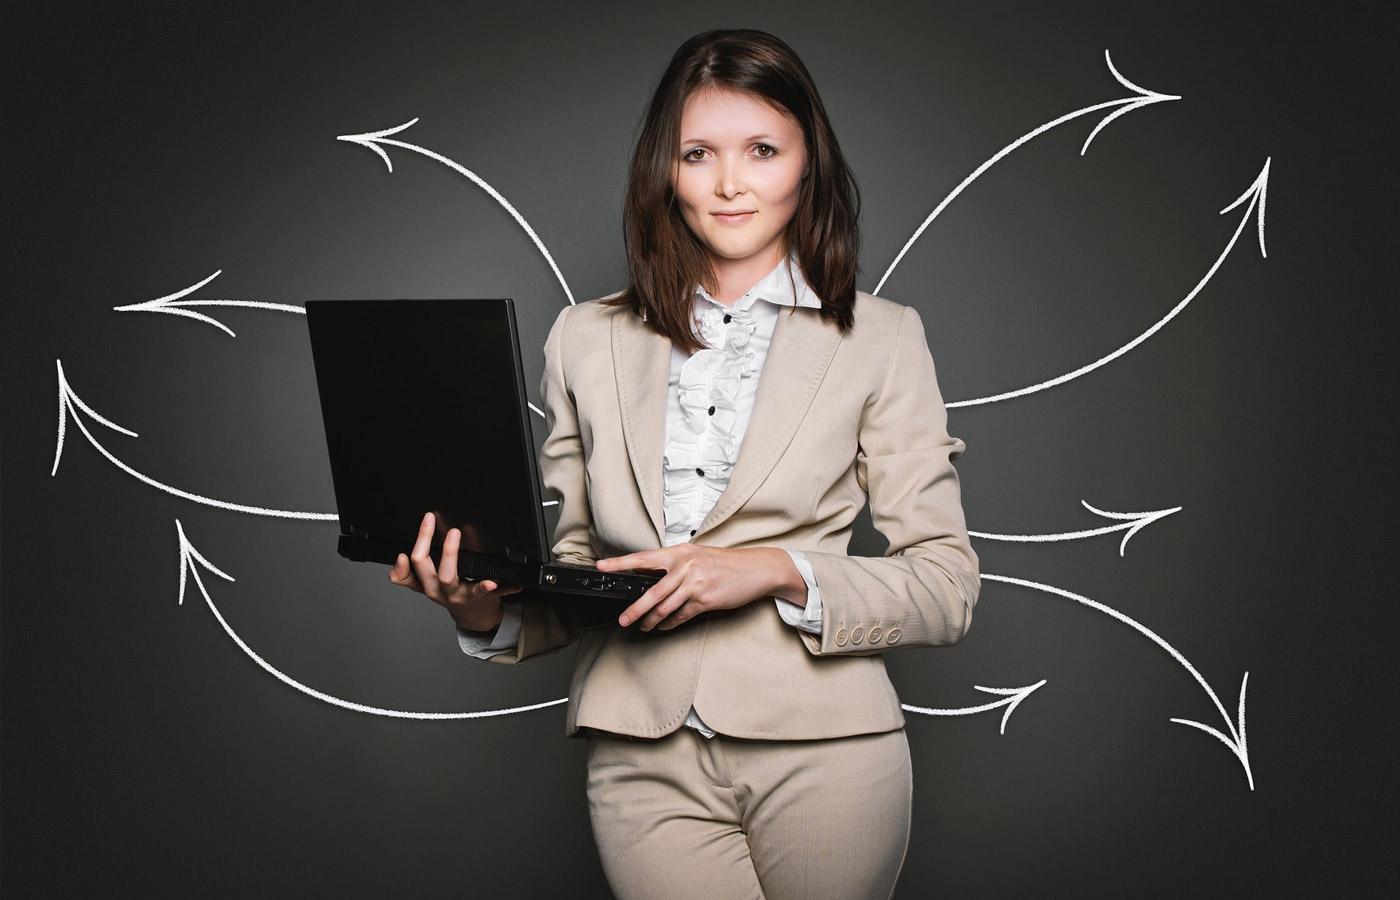 «Тайм-менеджмент 2.0». Система личной эффективности